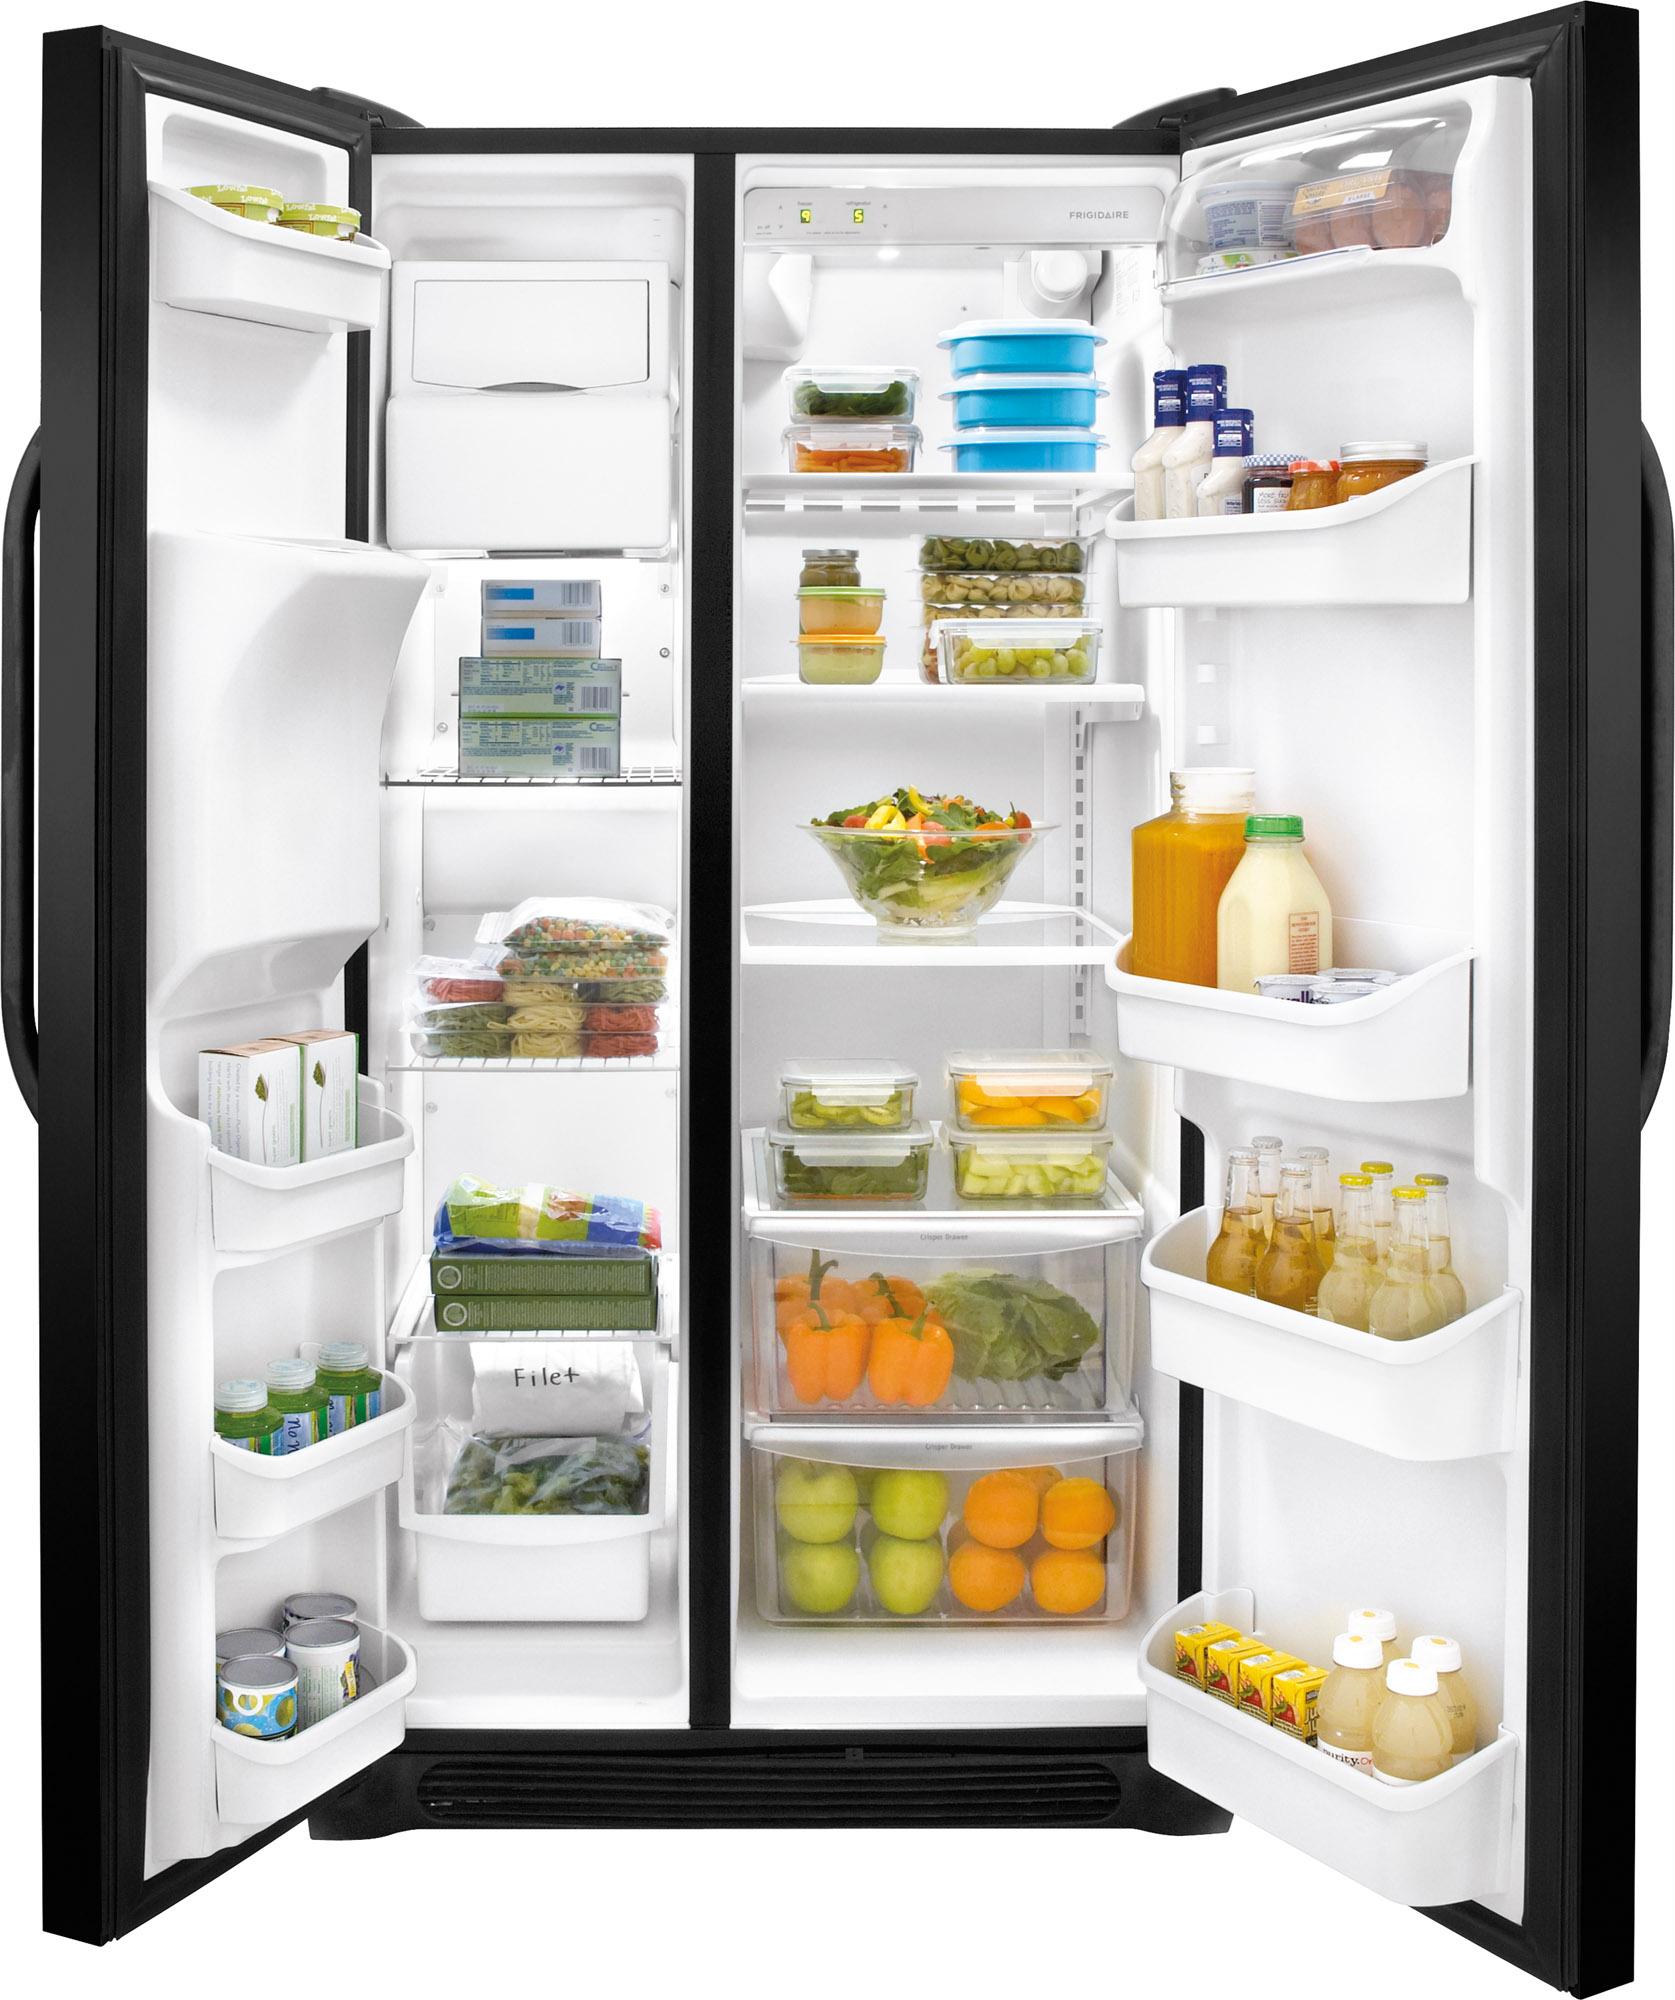 Frigidaire FFSS2314QE 22 cu. ft. Side-by-Side Refrigerator - Black